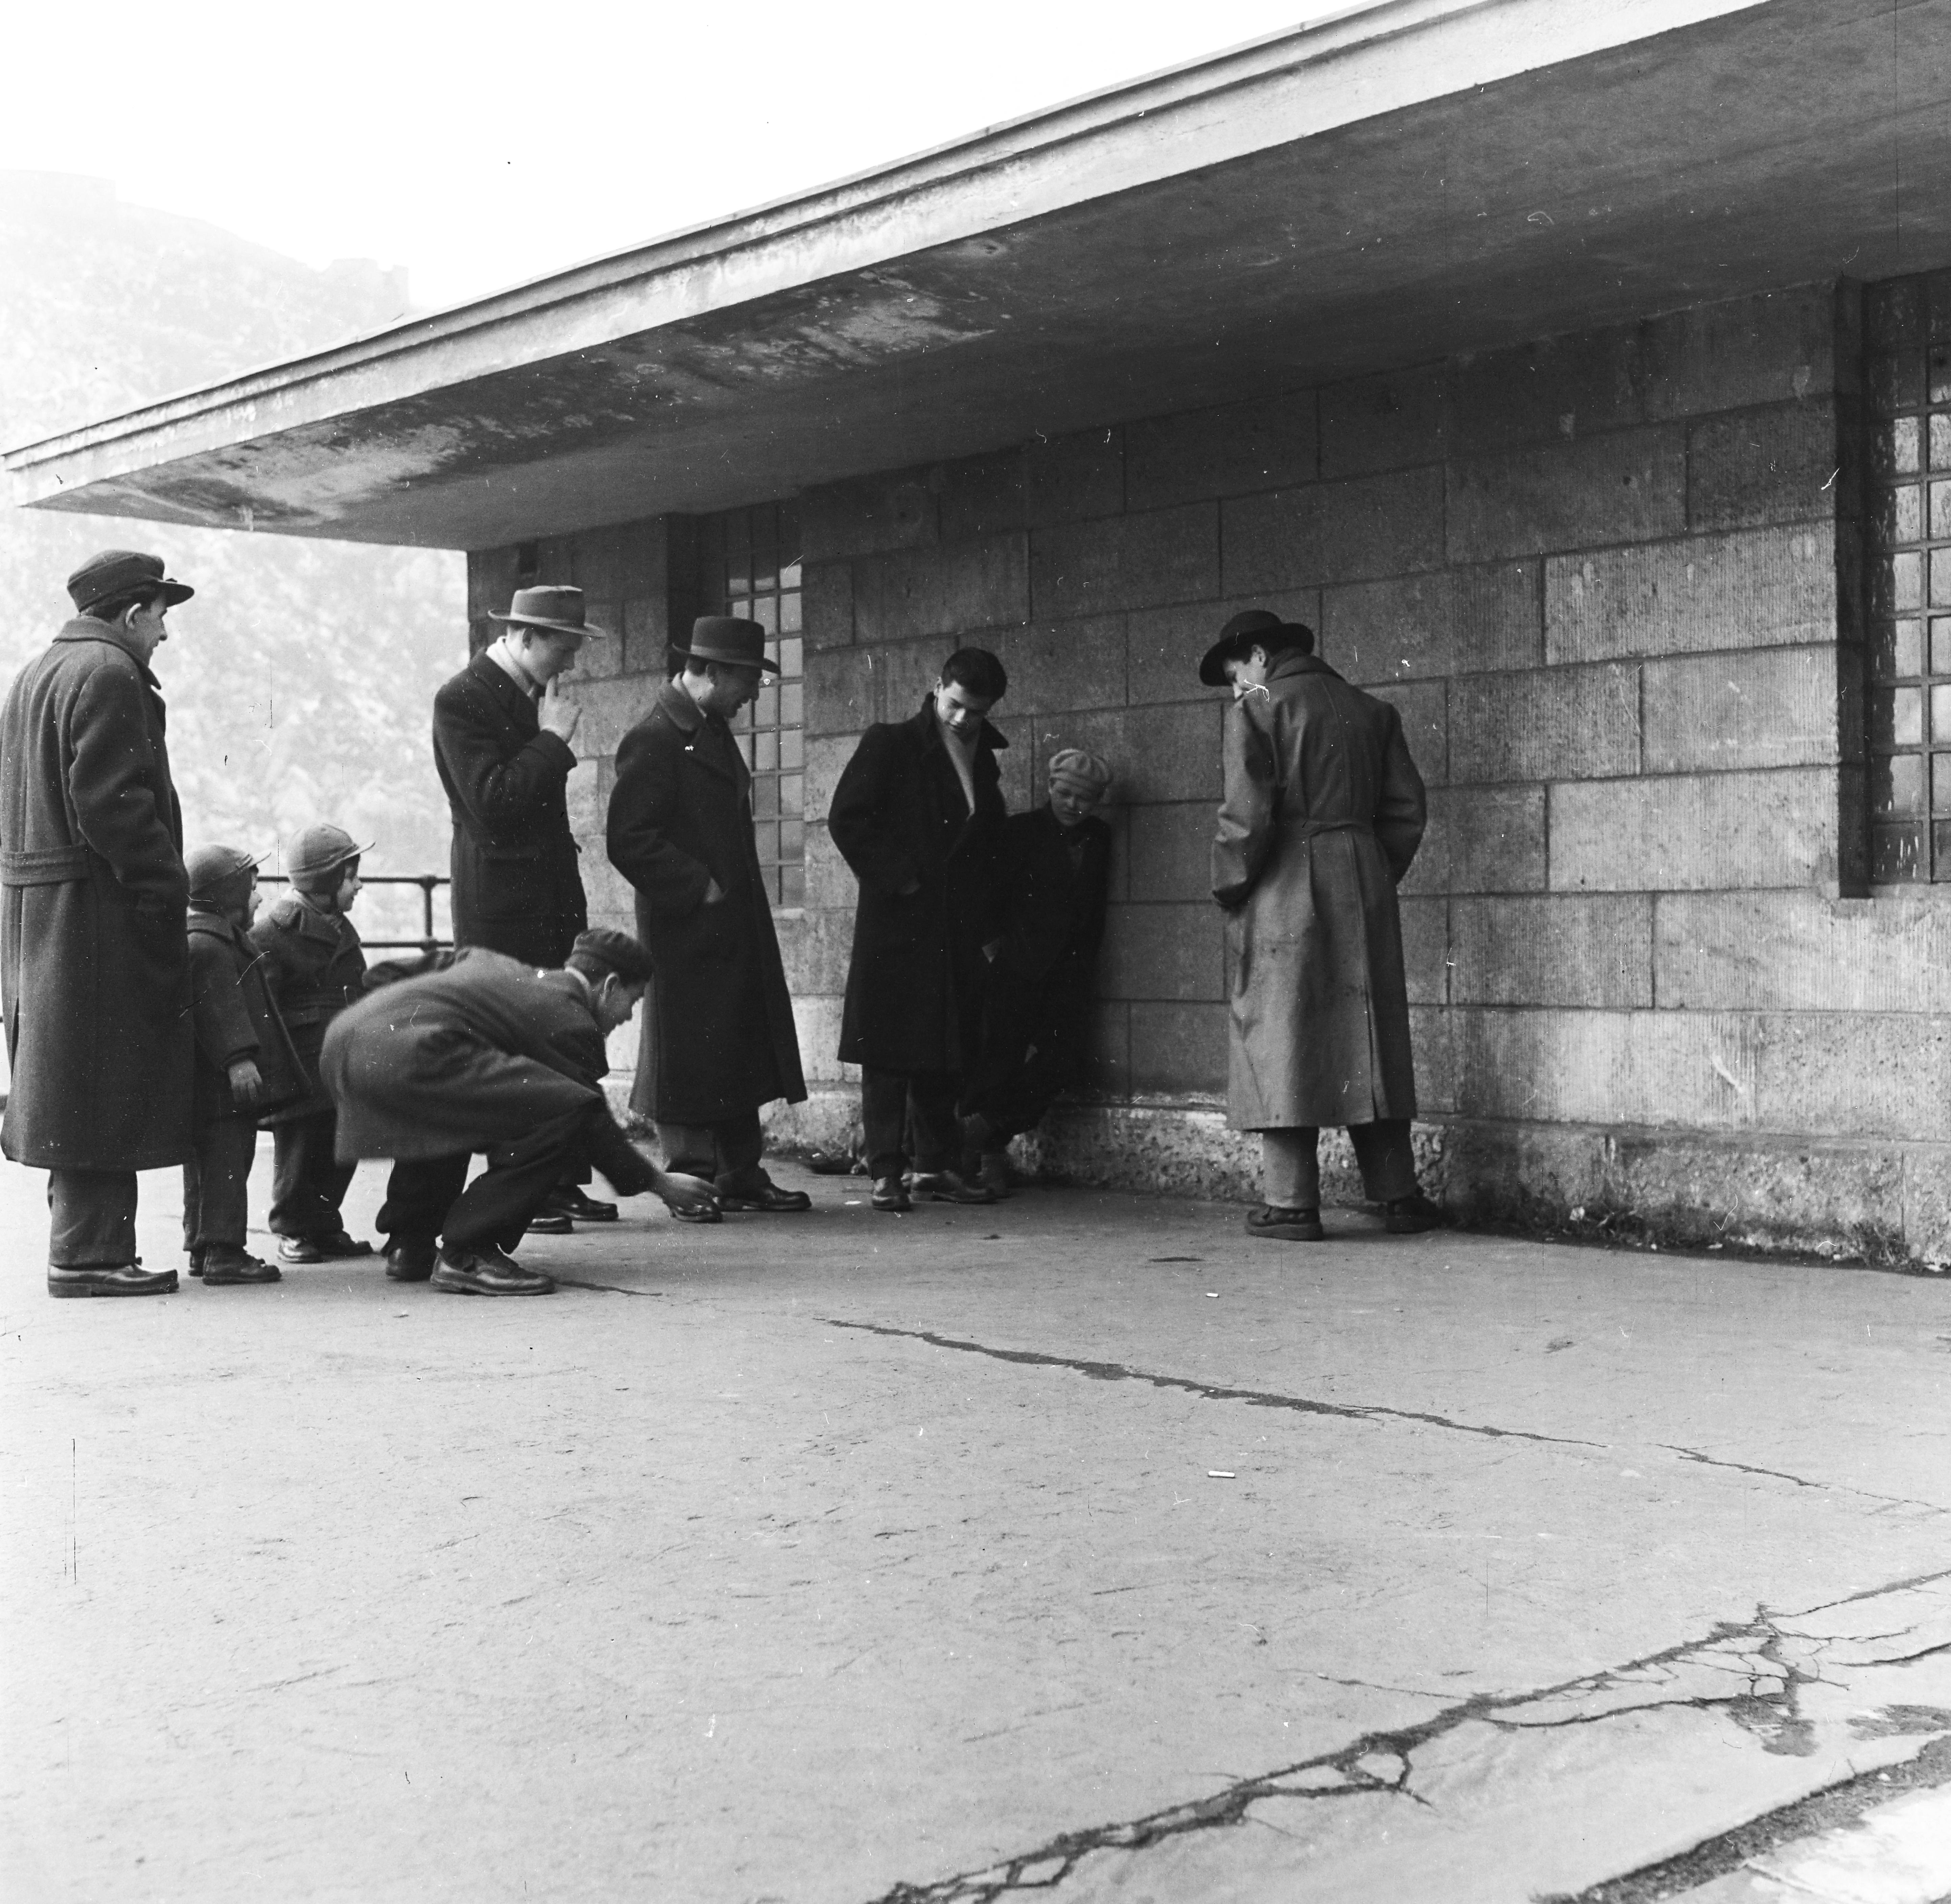 Fortepan / Keveházi János-Snúrozók a nemzetközi hajóállomásnál, a Belgrád rakparton, 1958-ban.